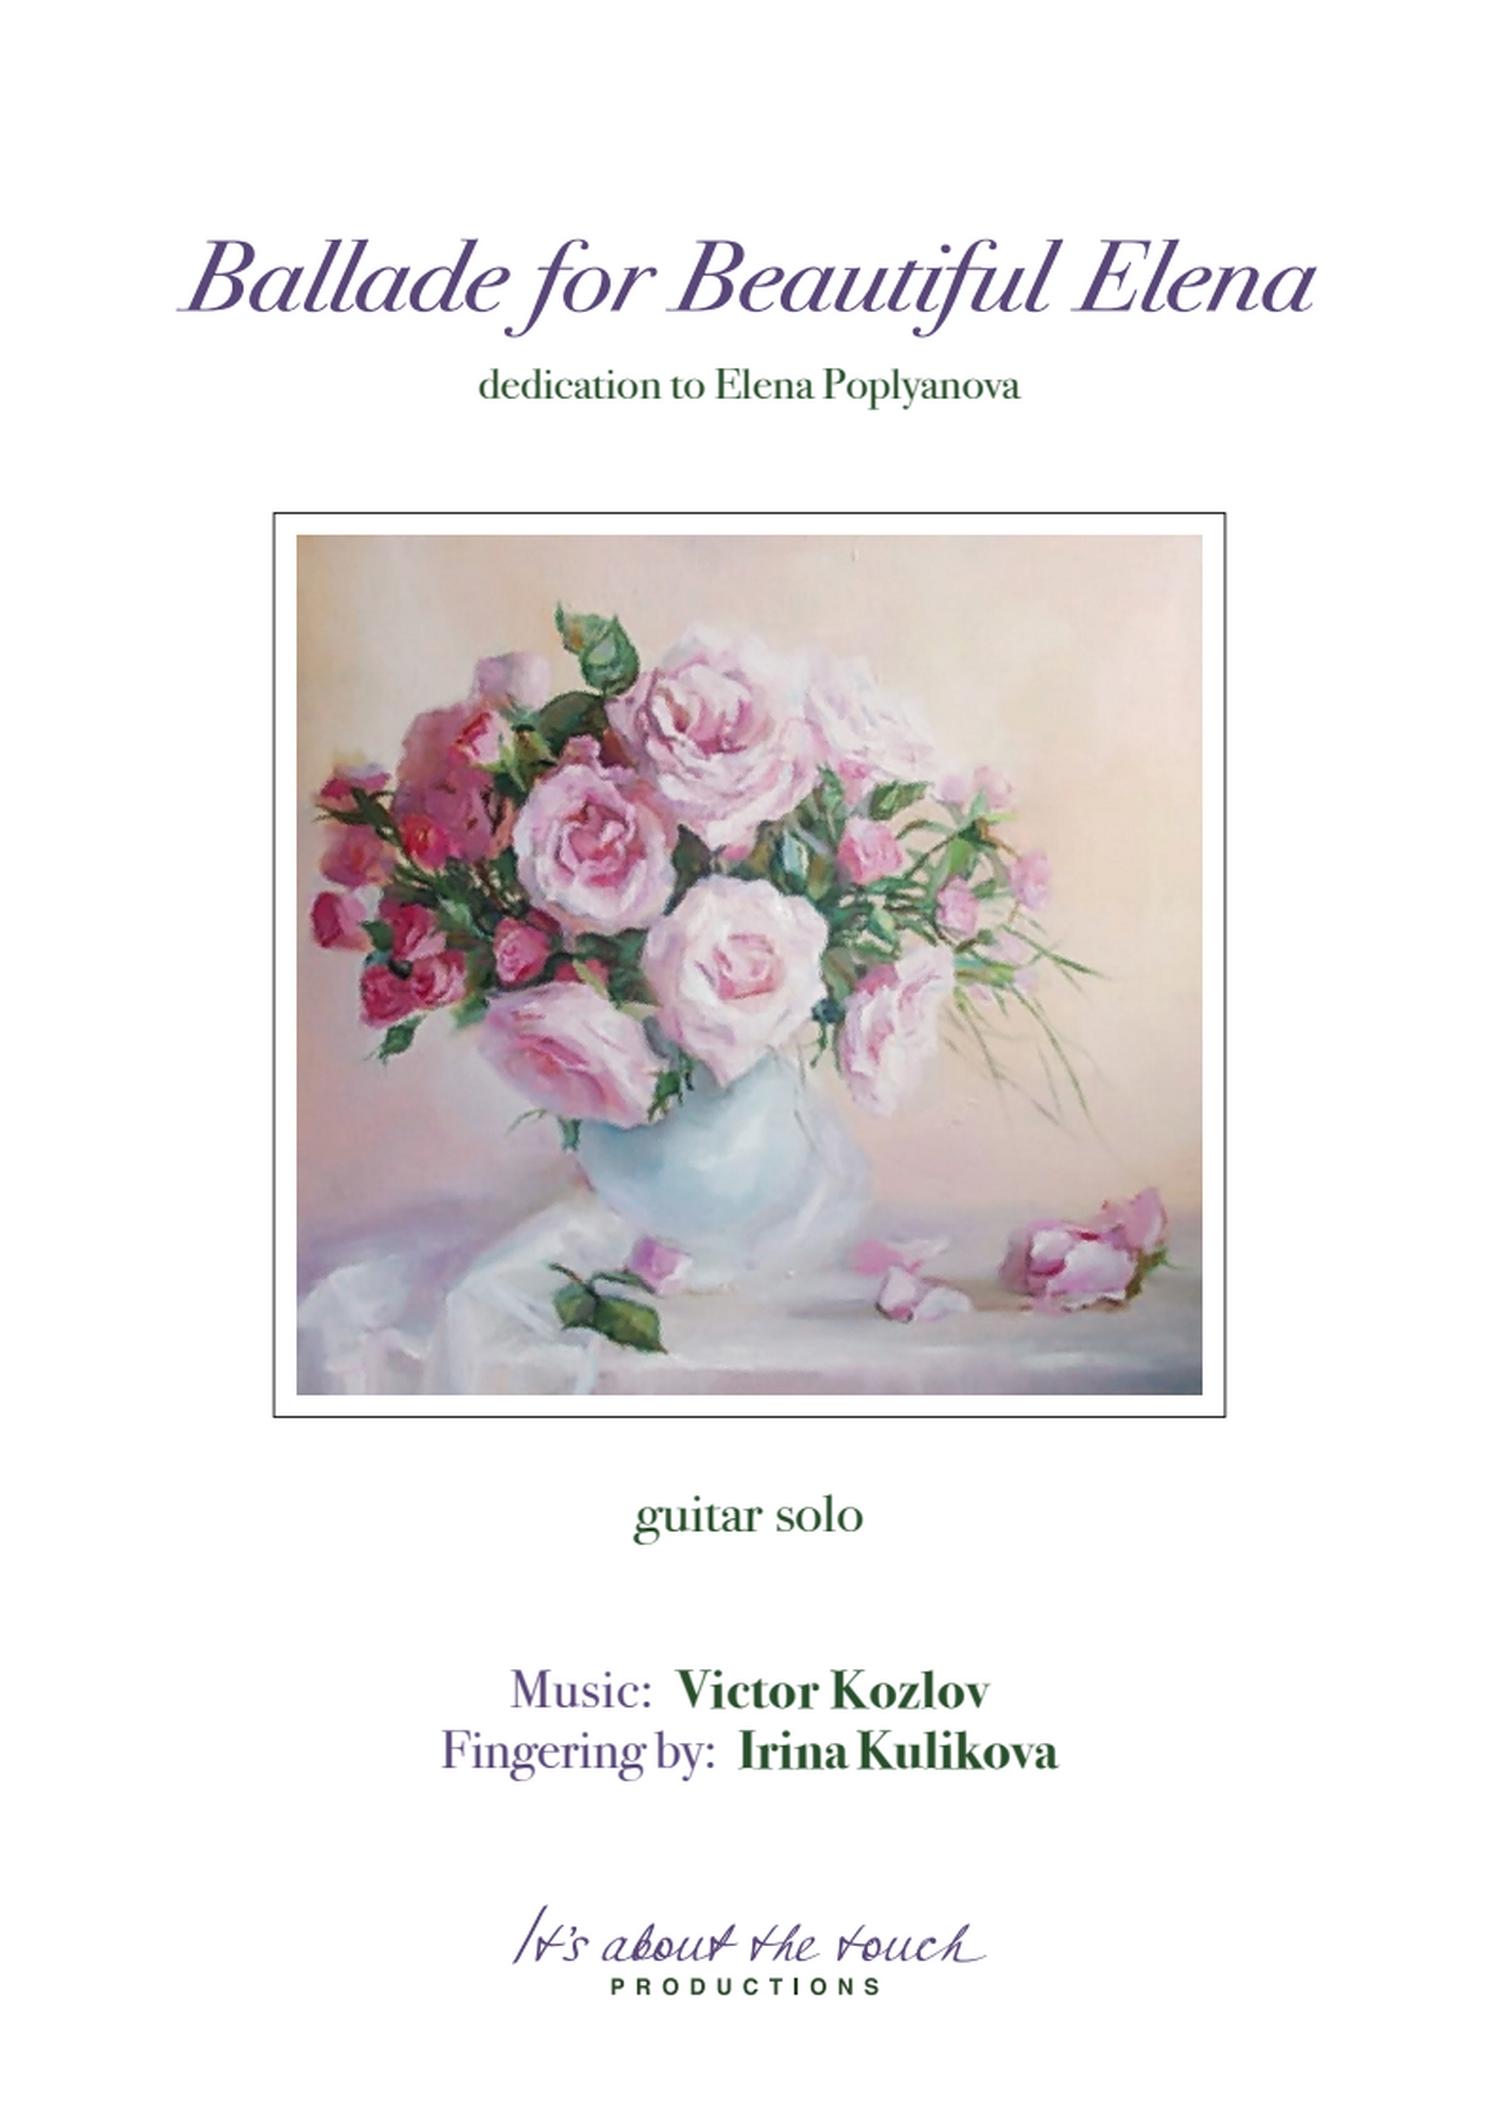 Victor Kozlov - Ballade for Beautiful Elena score cover